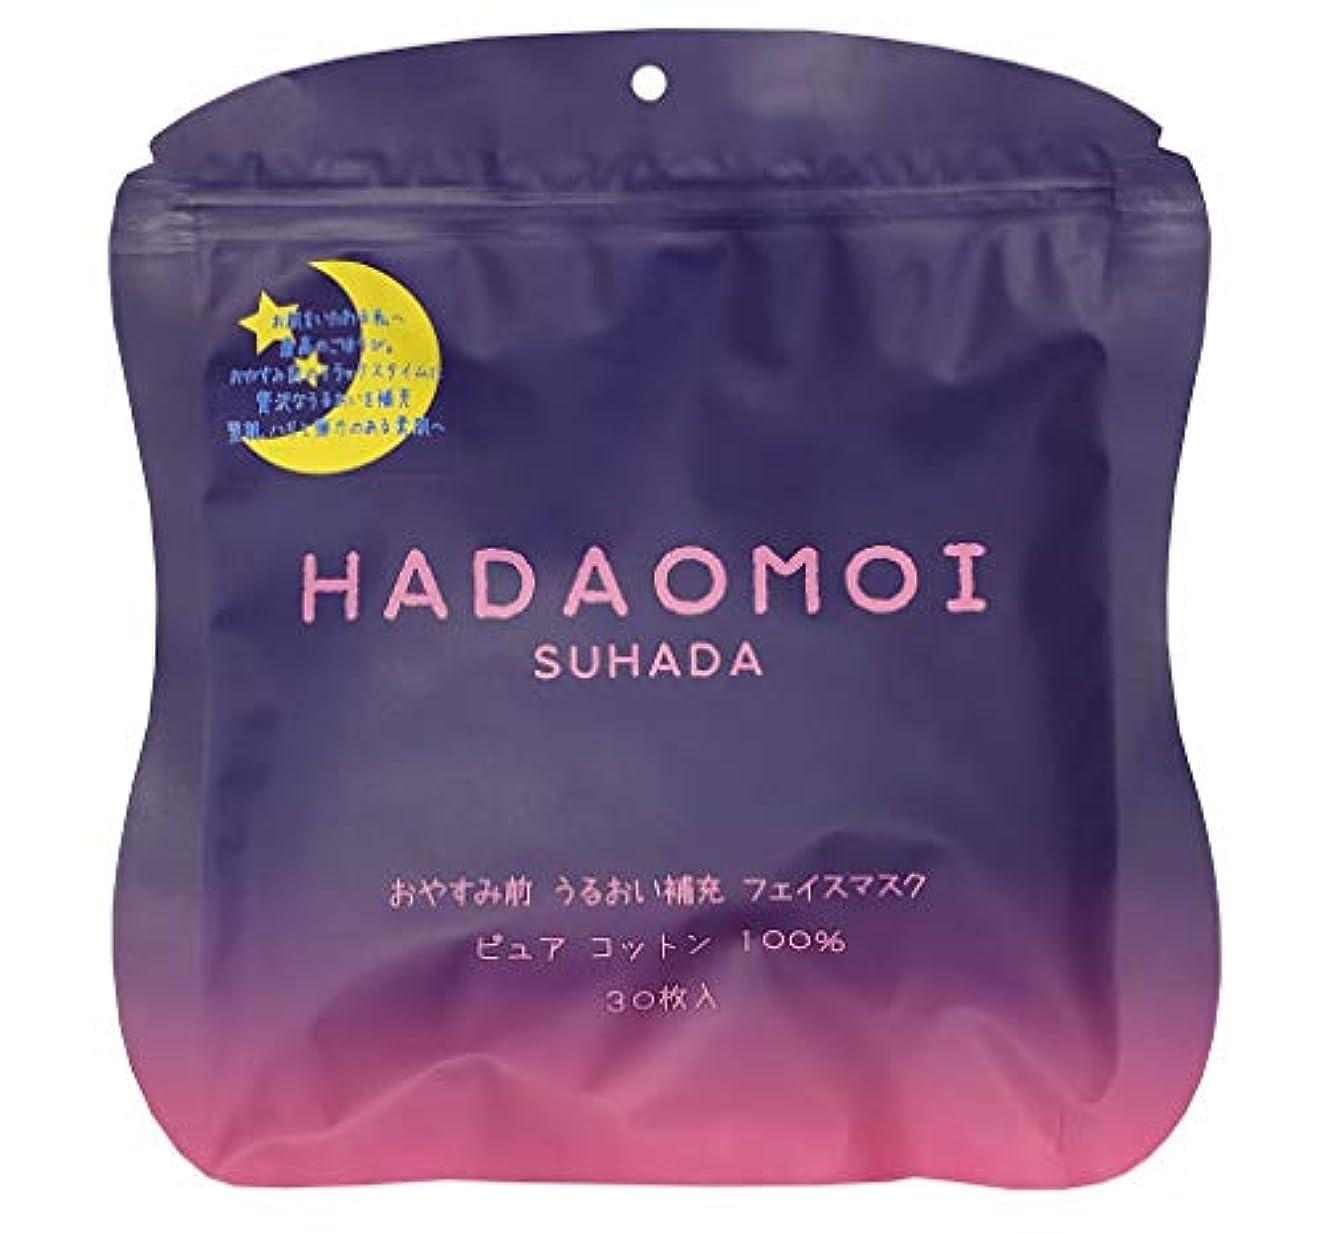 コントラスト減衰救出HADAOMOI(ハダオモイ) おやすみ前 うるおい補充 フェイスマスク 30枚入